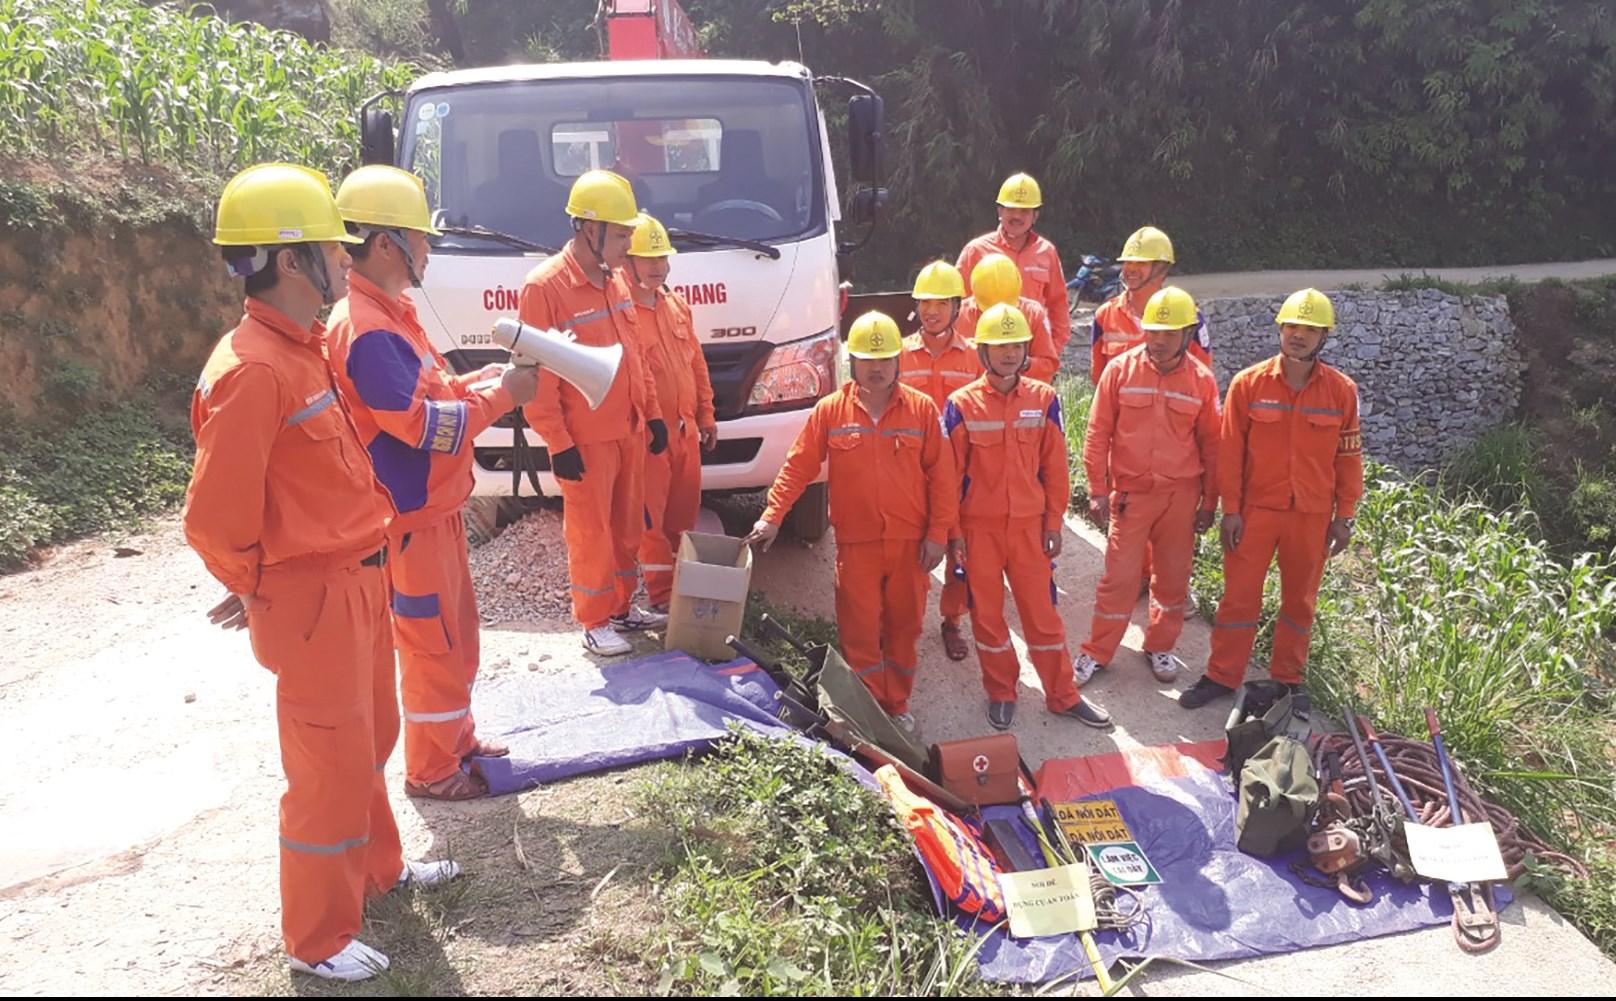 Cán bộ, công nhân viên Điện lực Quản Bạ chuẩn bị công tác diễn tập an toàn, xử lý sự cố trong PCTT&TKCN